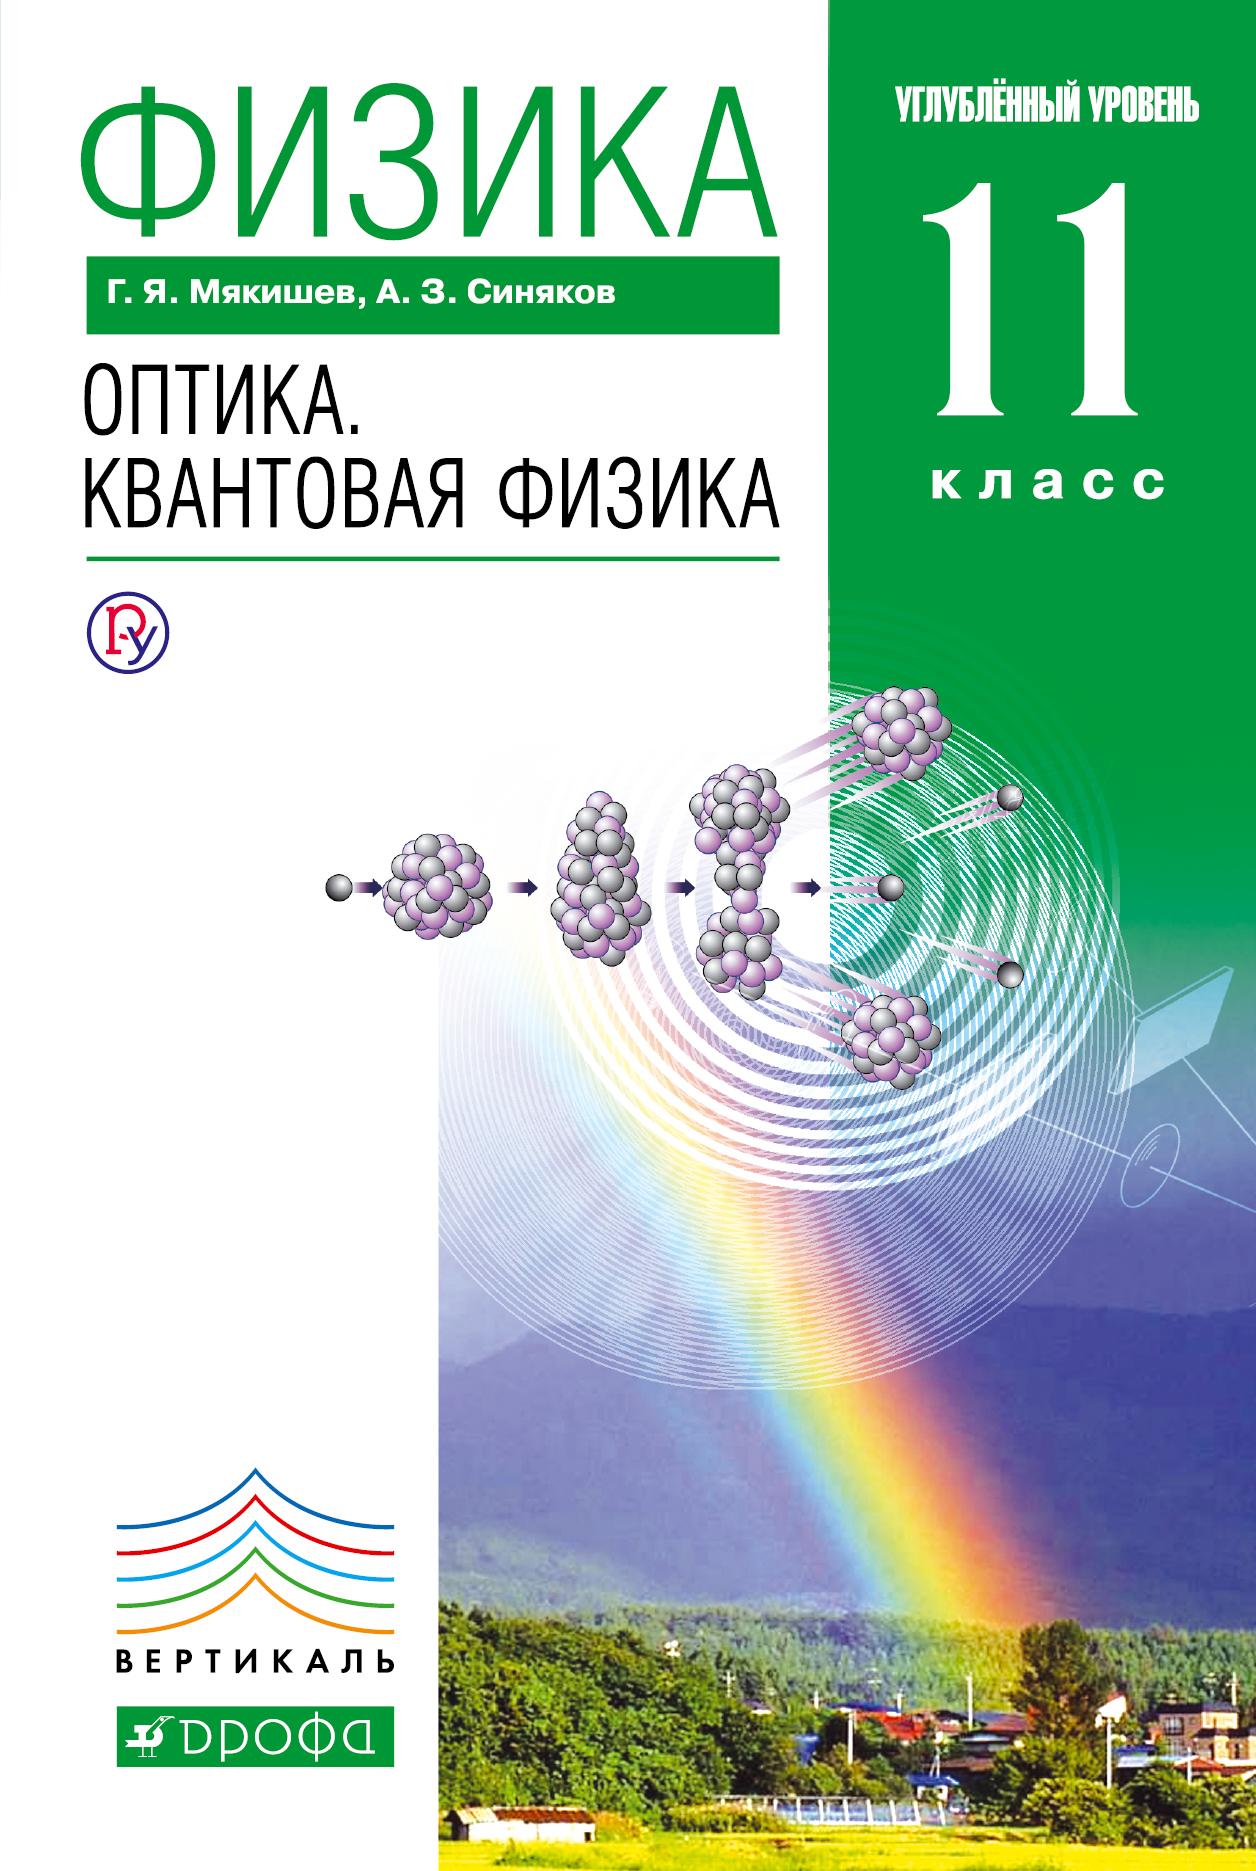 Г. Я. Мякишев, А. З. Синяков Физика. Оптика. Квантовая физика. 11 класс. Углубленный уровень. Учебник владимир неволин квантовая физика и нанотехнологии